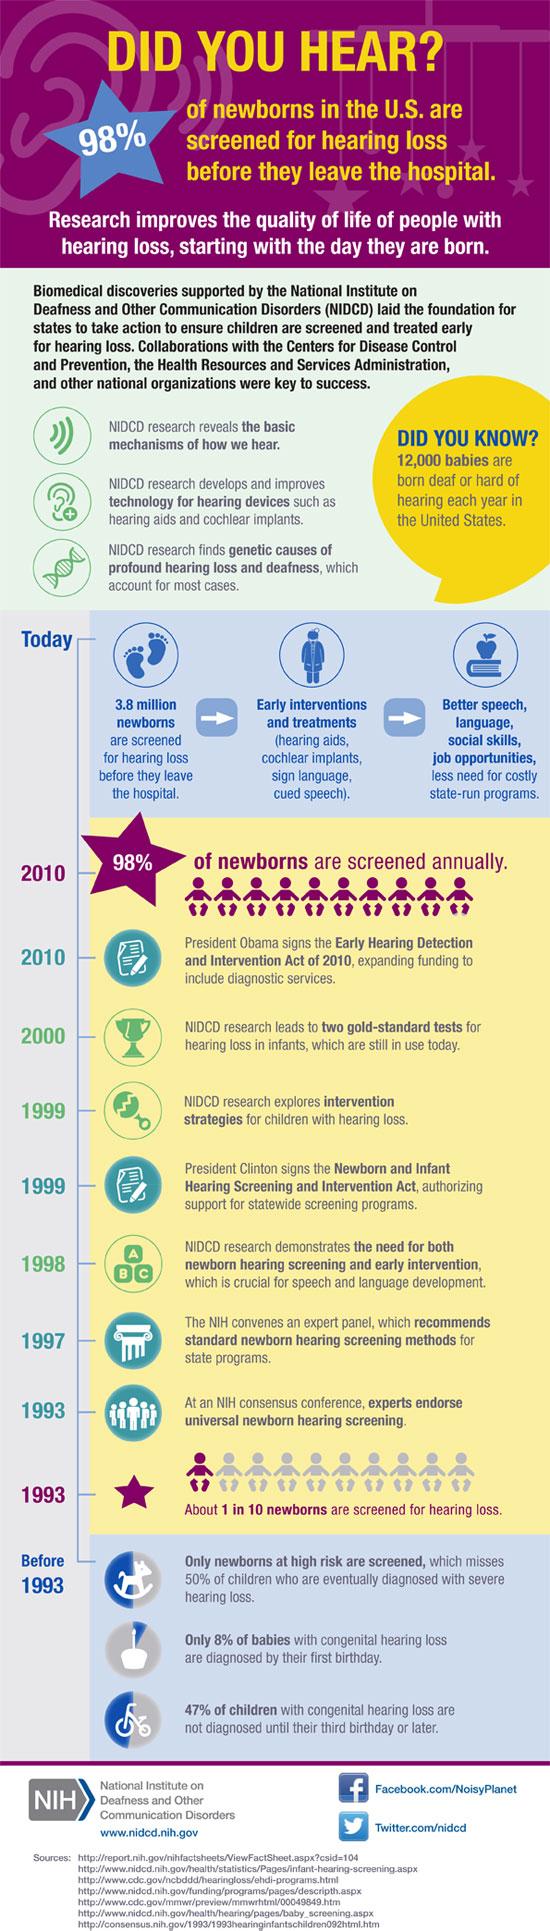 Infographic: 20 Years of Newborn Hearing Screenings